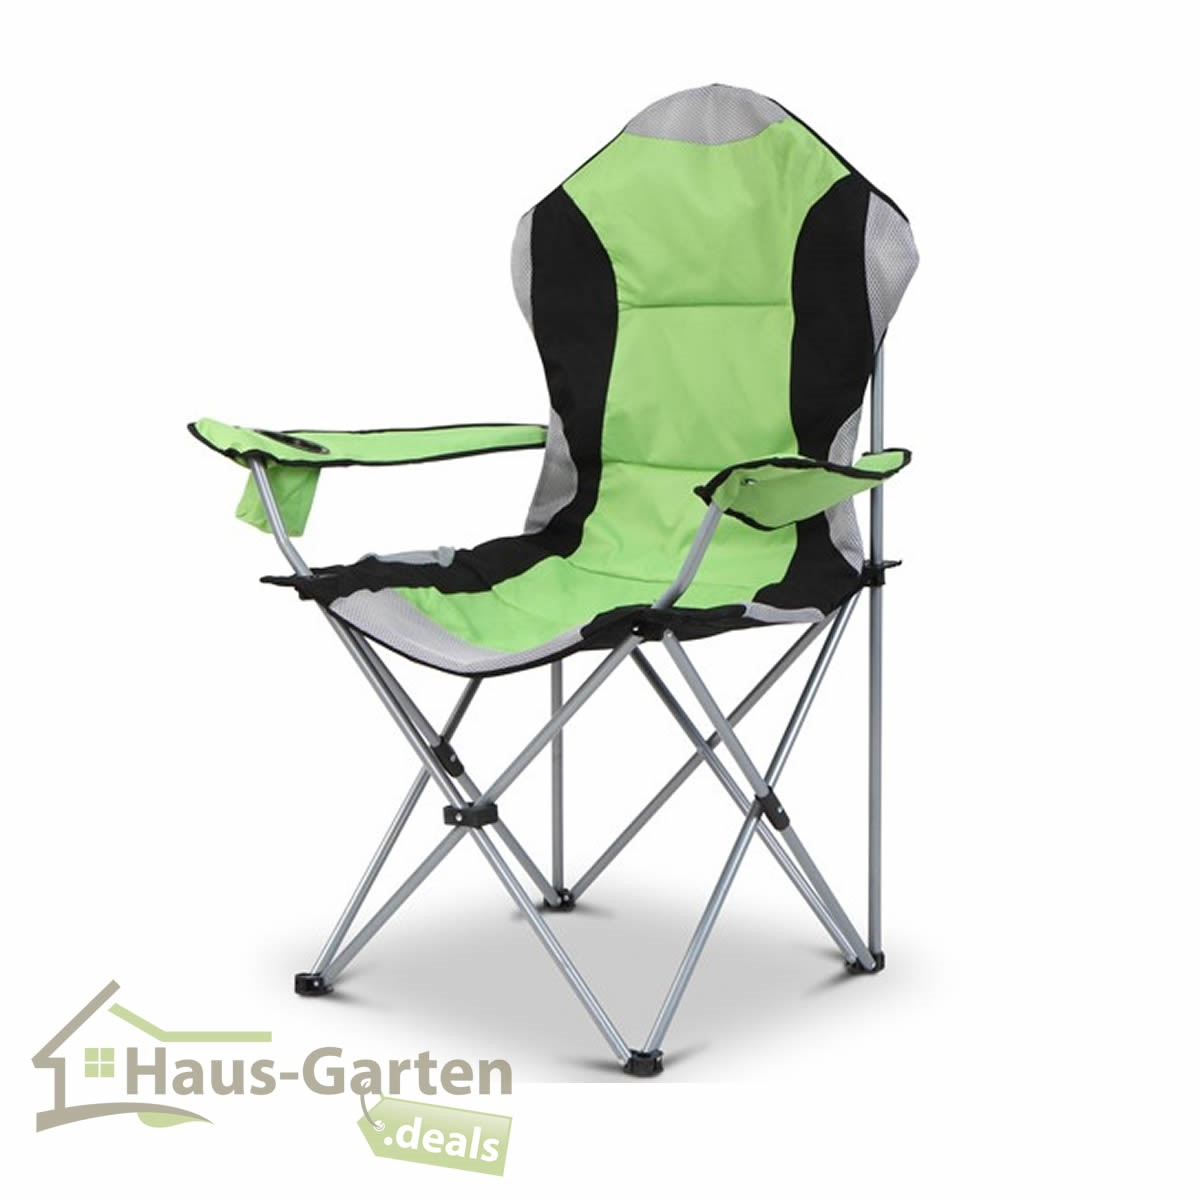 campingstuhl gr n anglerstuhl faltstuhl klappstuhl. Black Bedroom Furniture Sets. Home Design Ideas